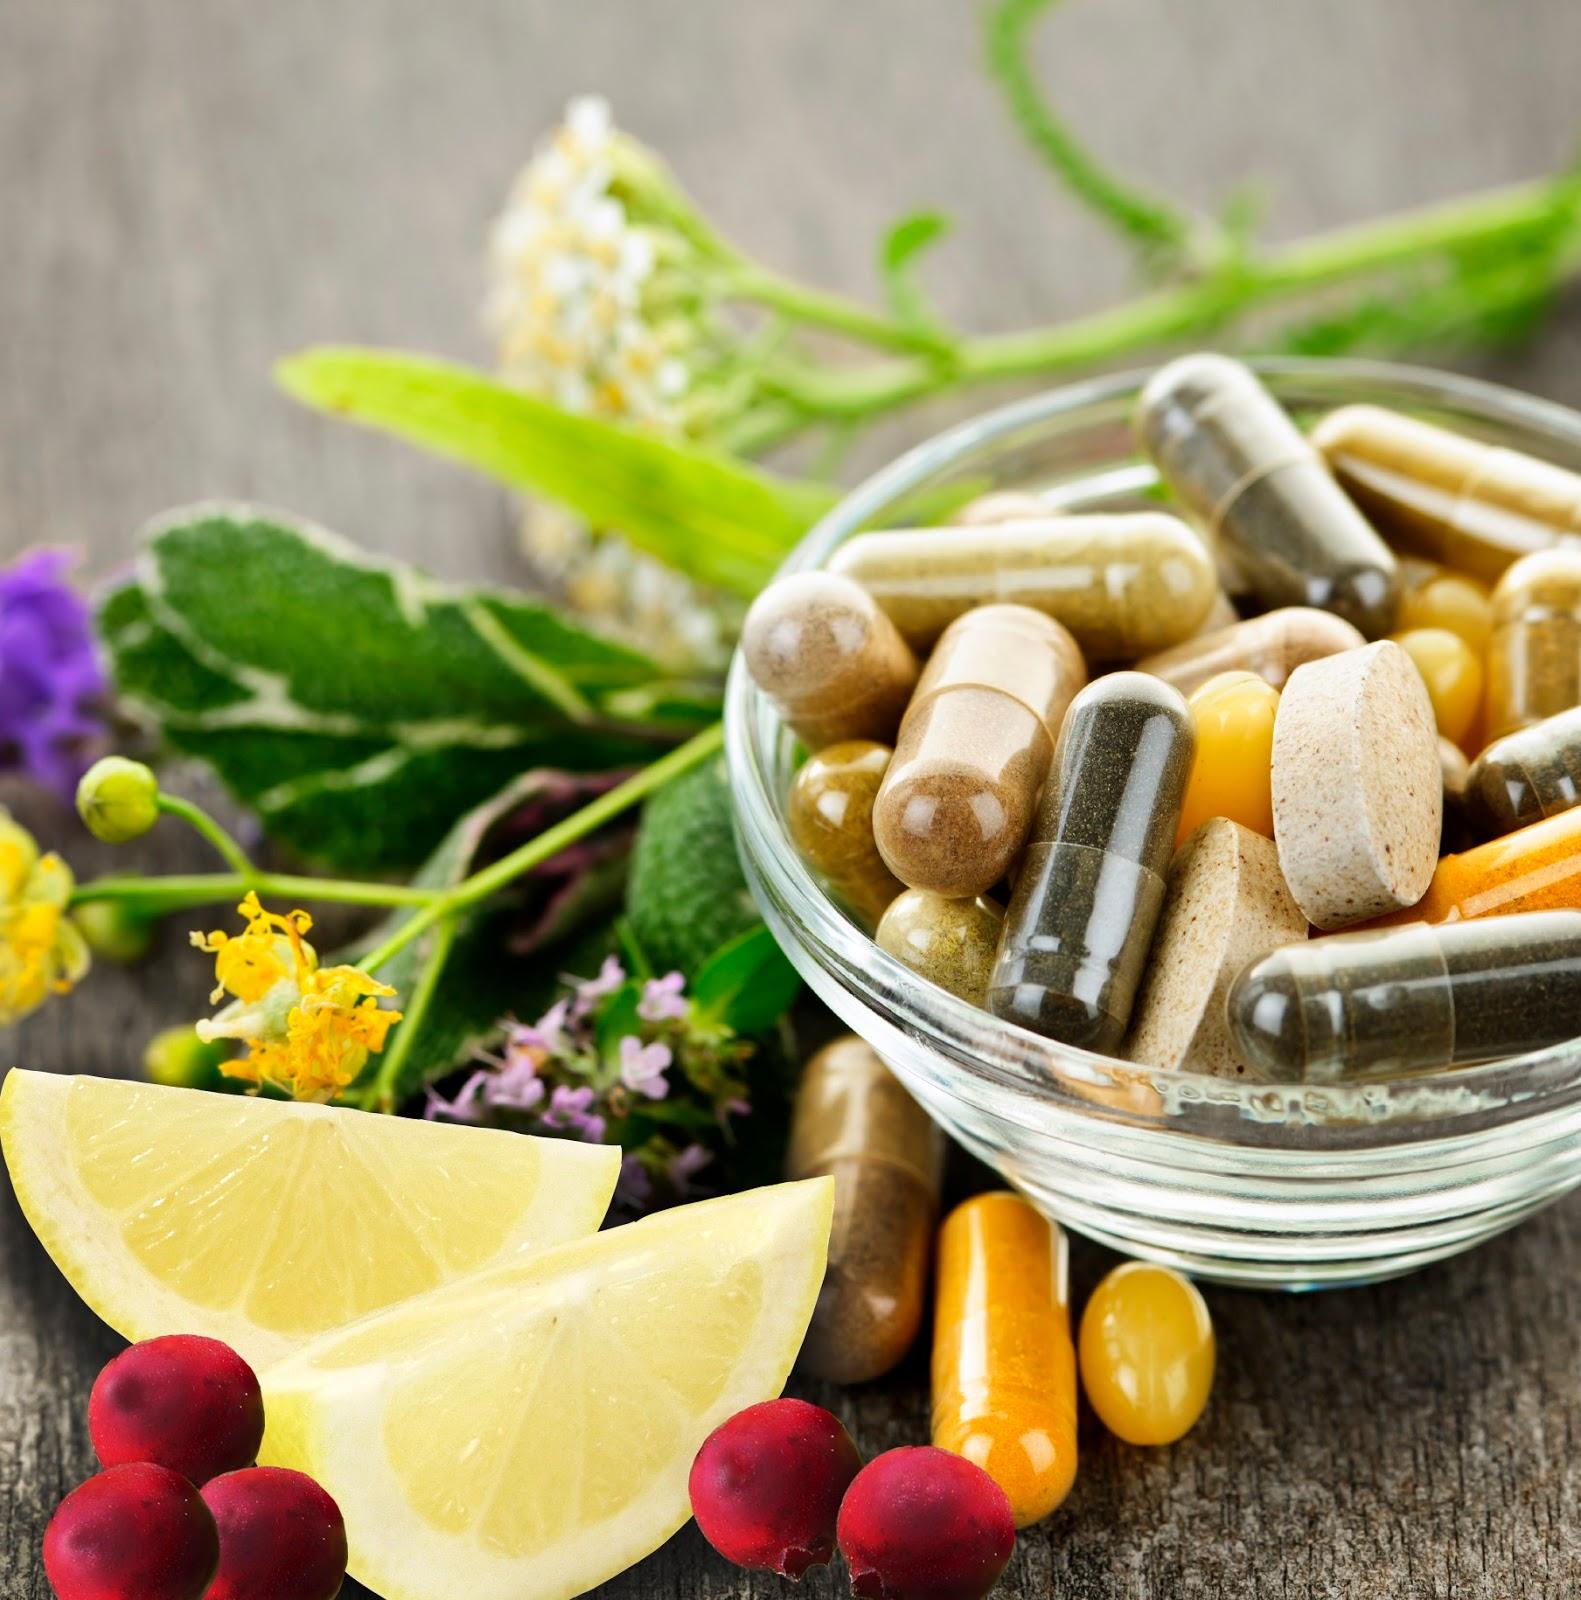 Tanaman Obat Herbal untuk Mengobati Kanker Paling Ampuh